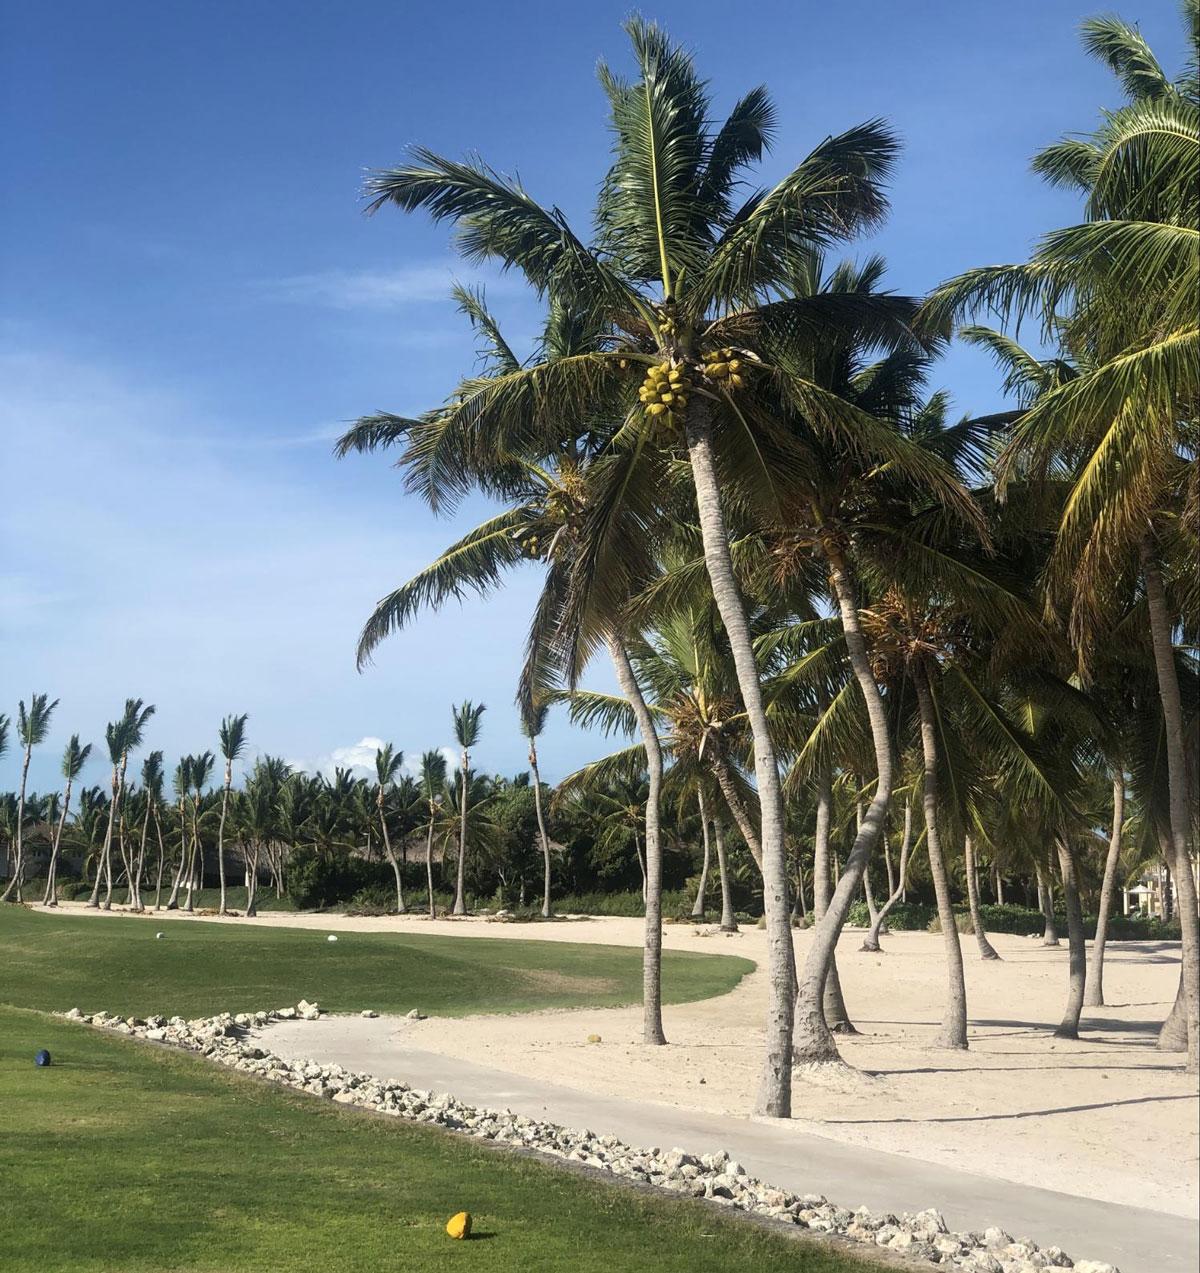 Під час прогулянок любимо збирати кокоси